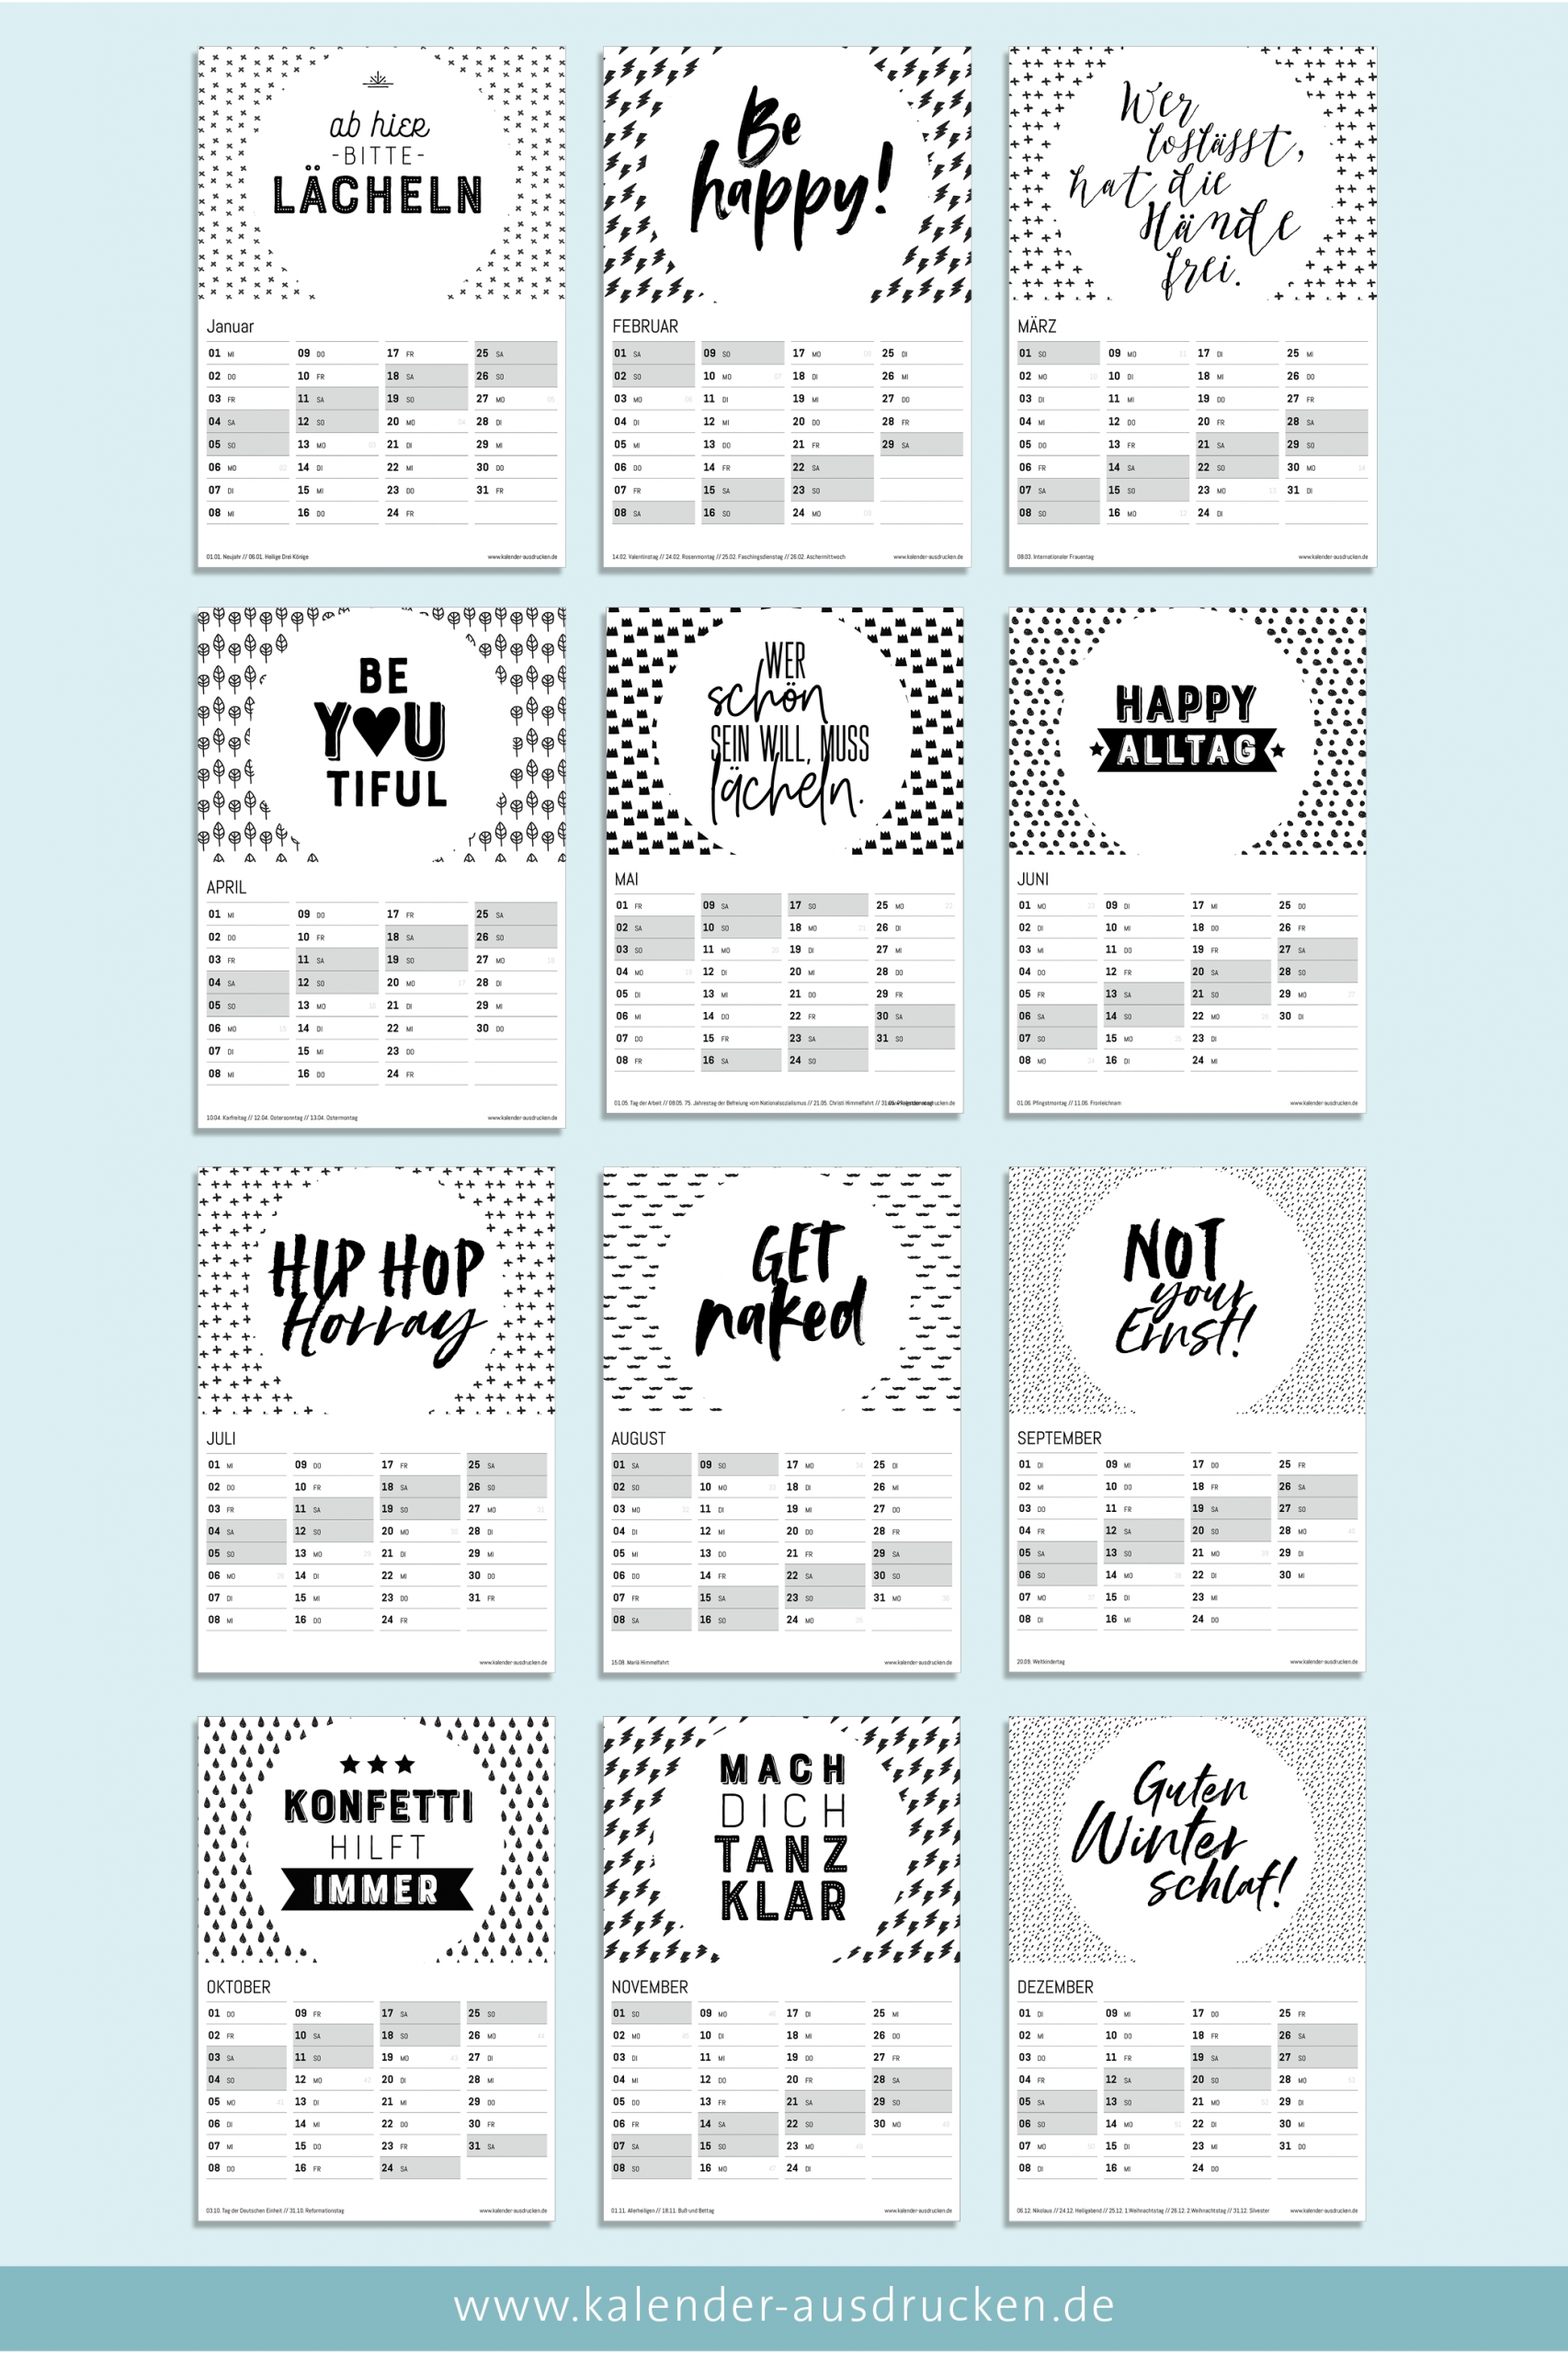 Get Kalender Zum Ausdrucken